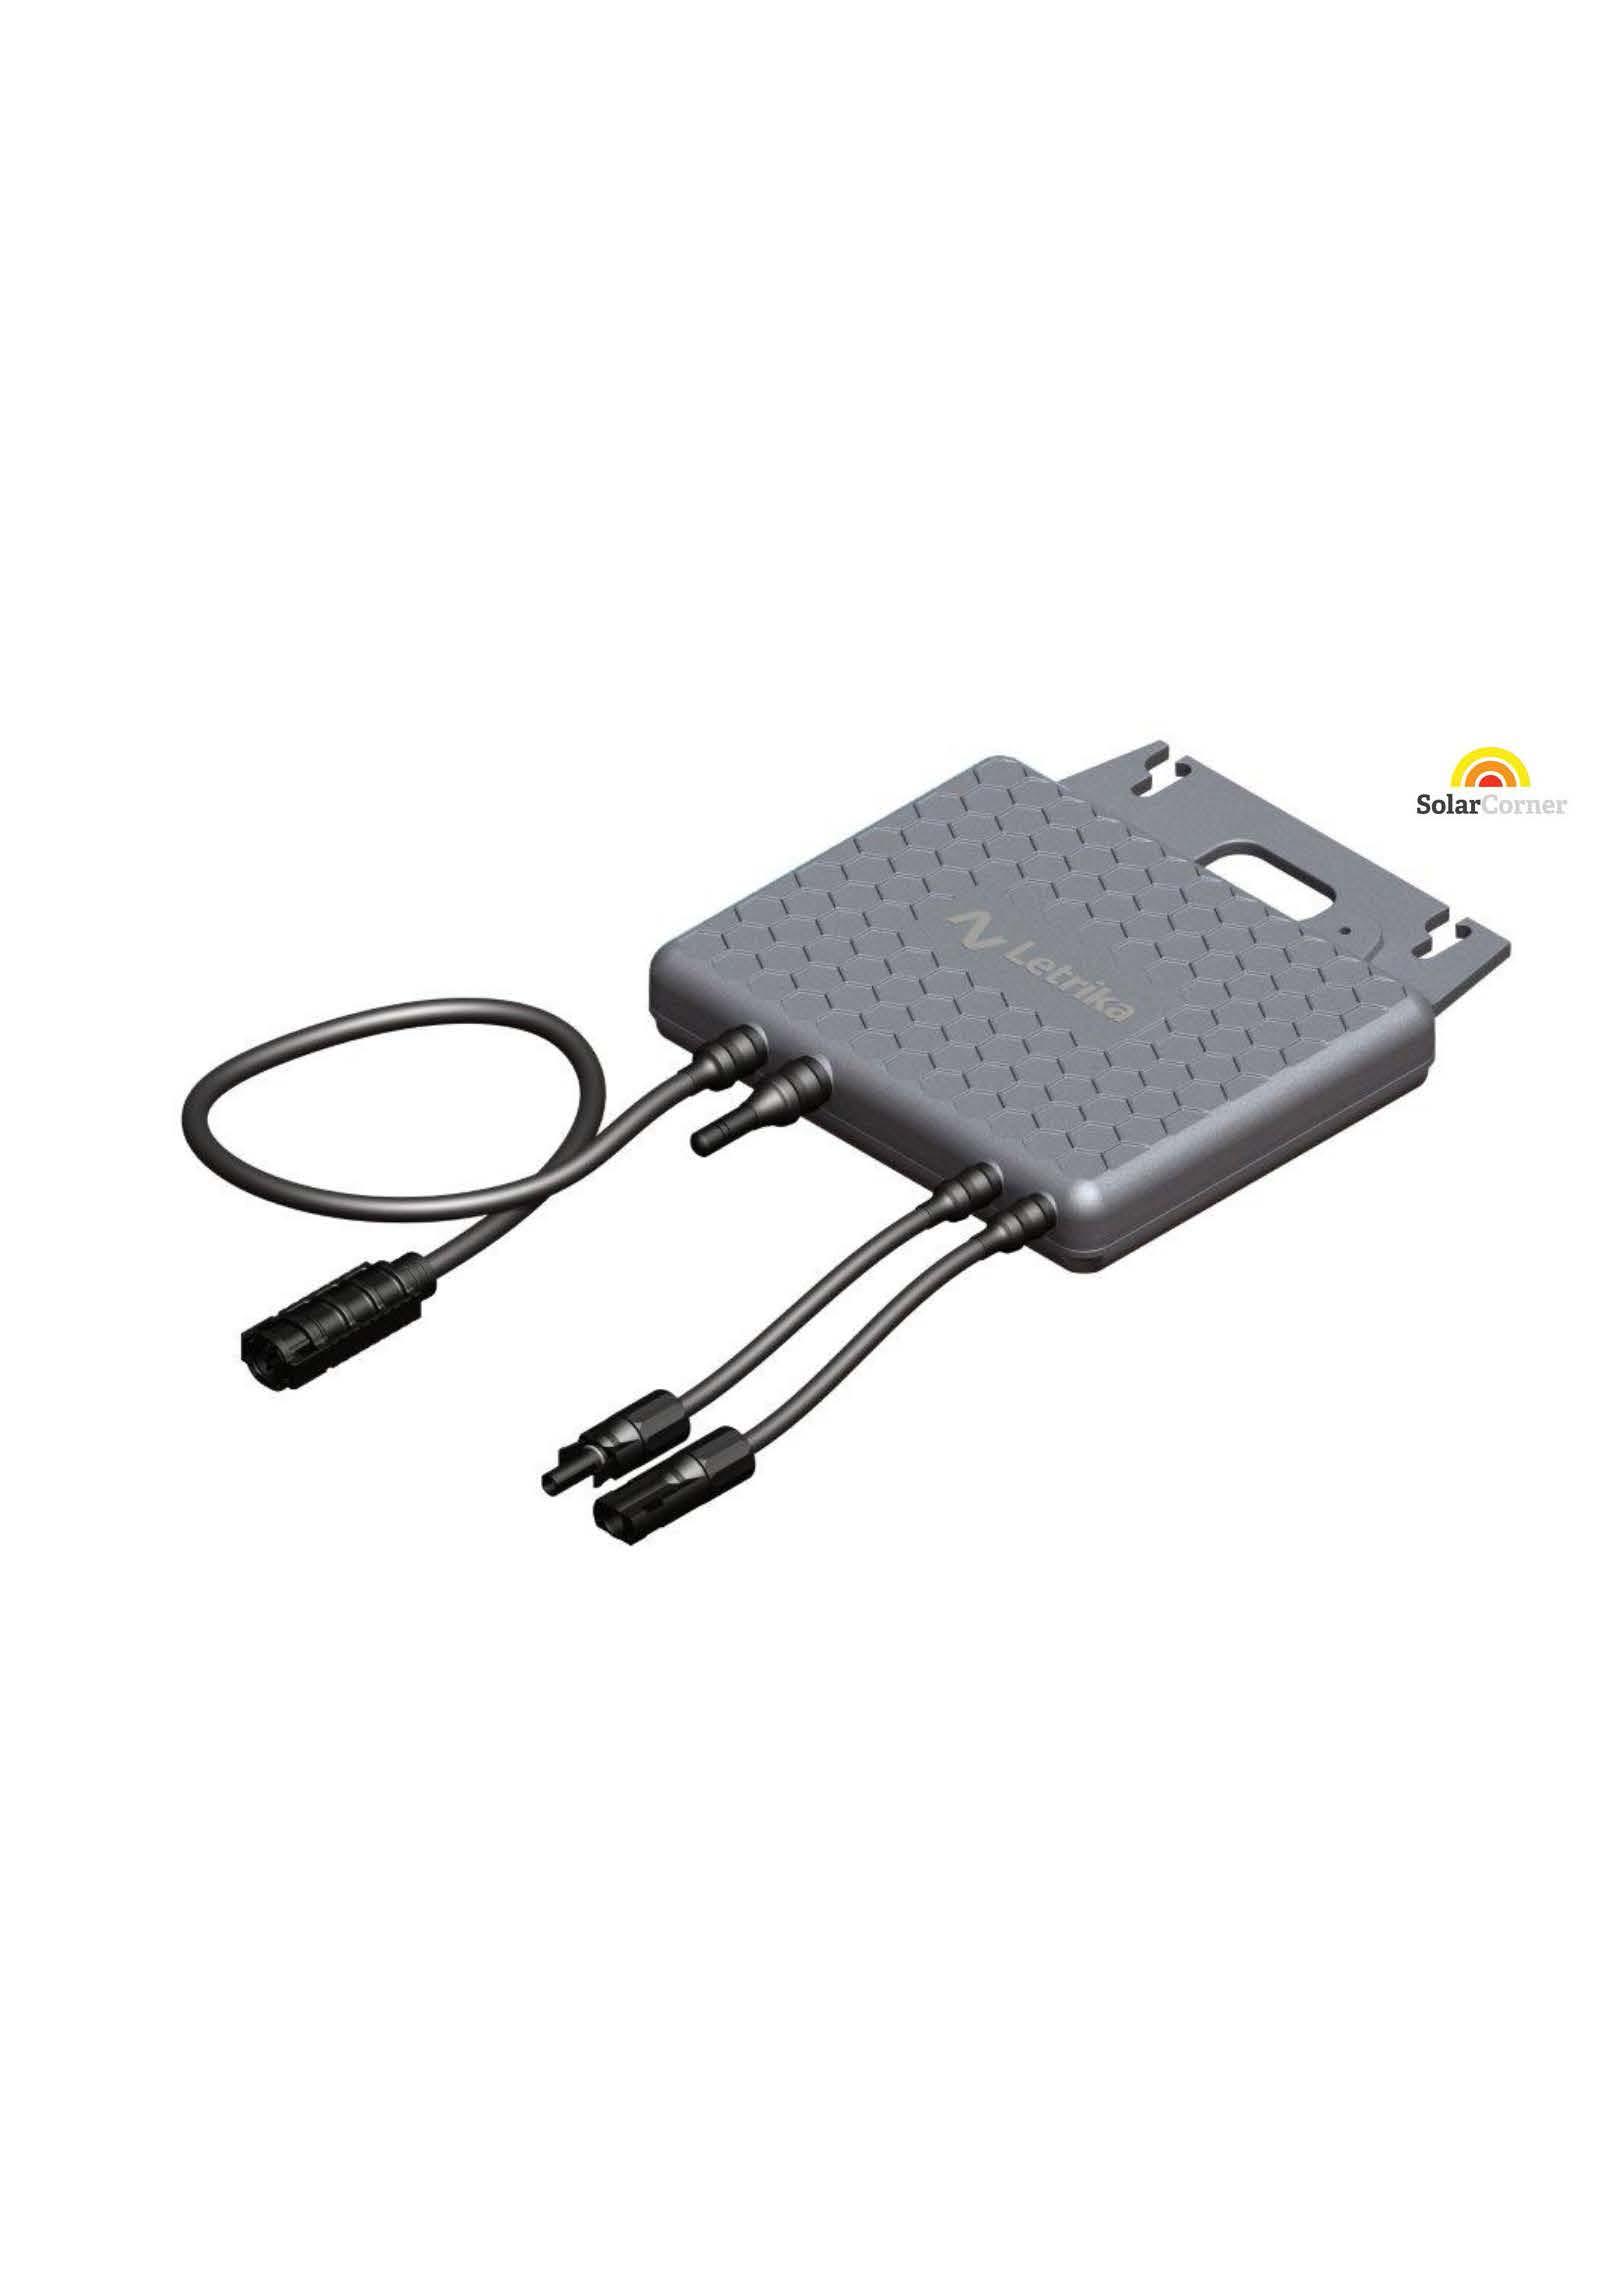 Max310 Beesmart Micro Inverter Letrika Type 260 Sms Metering